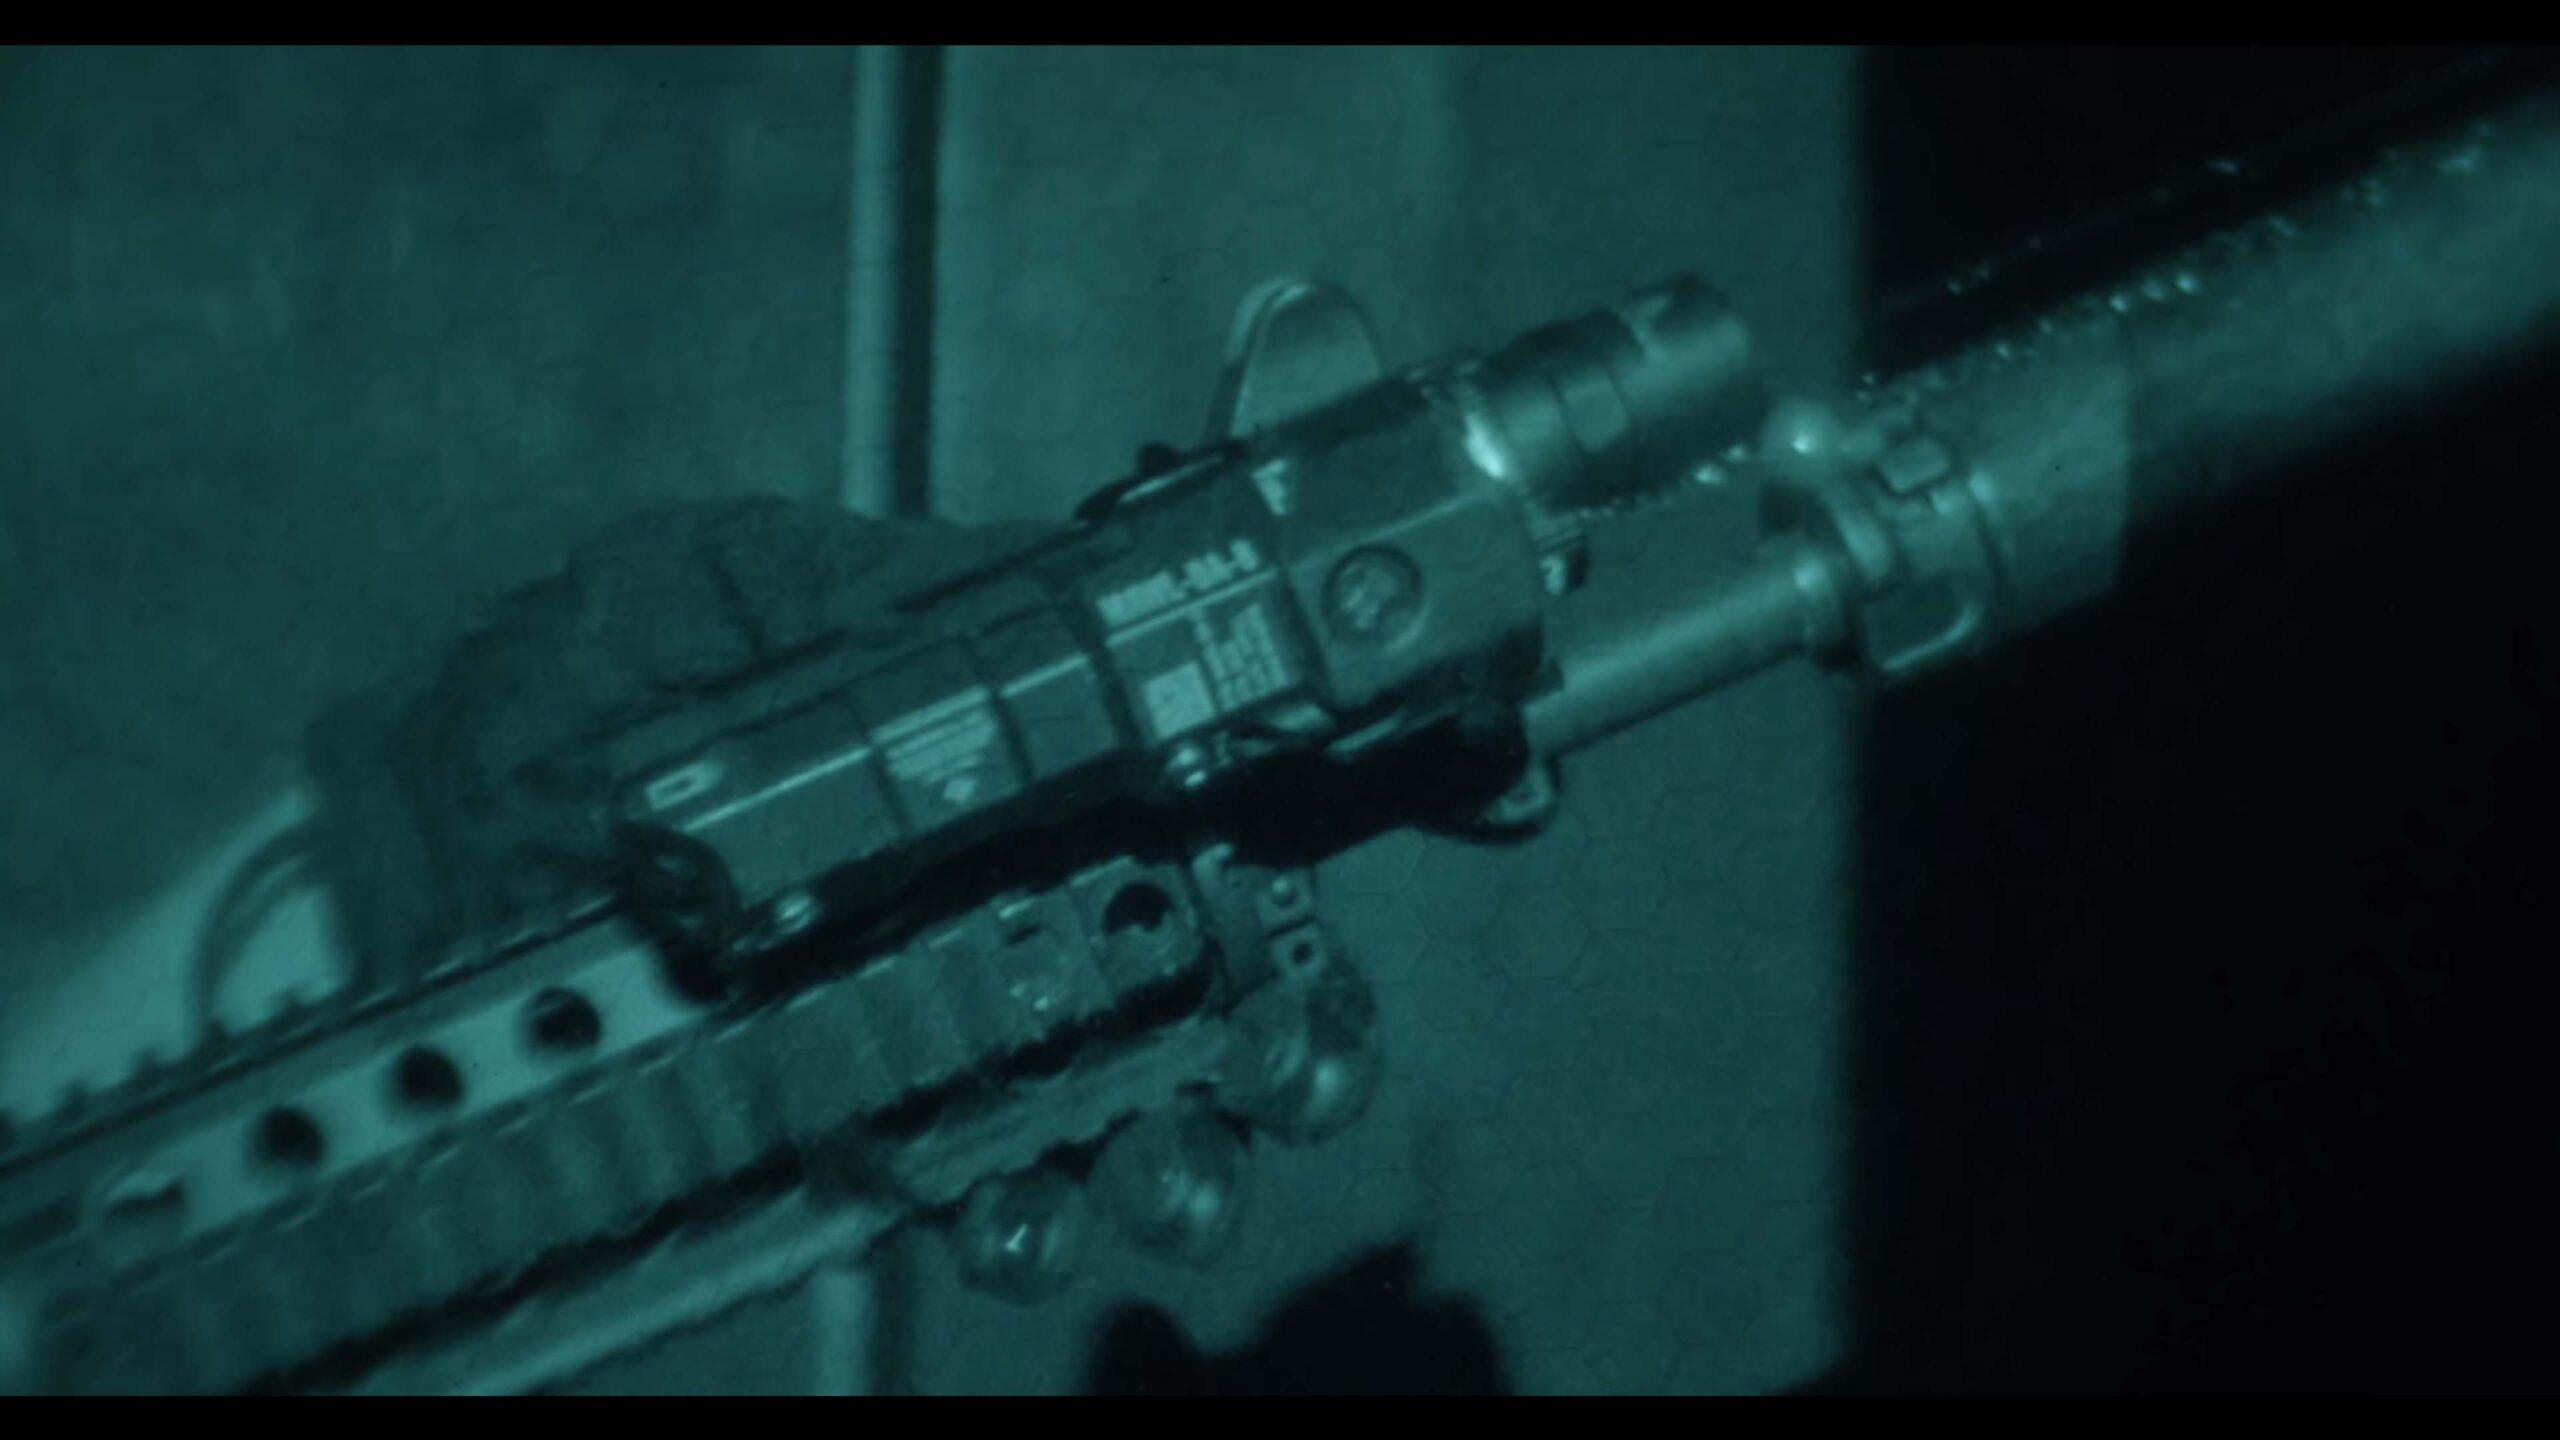 BE Meyers MAWL C1+ Promo Image - MAWL on Rifle